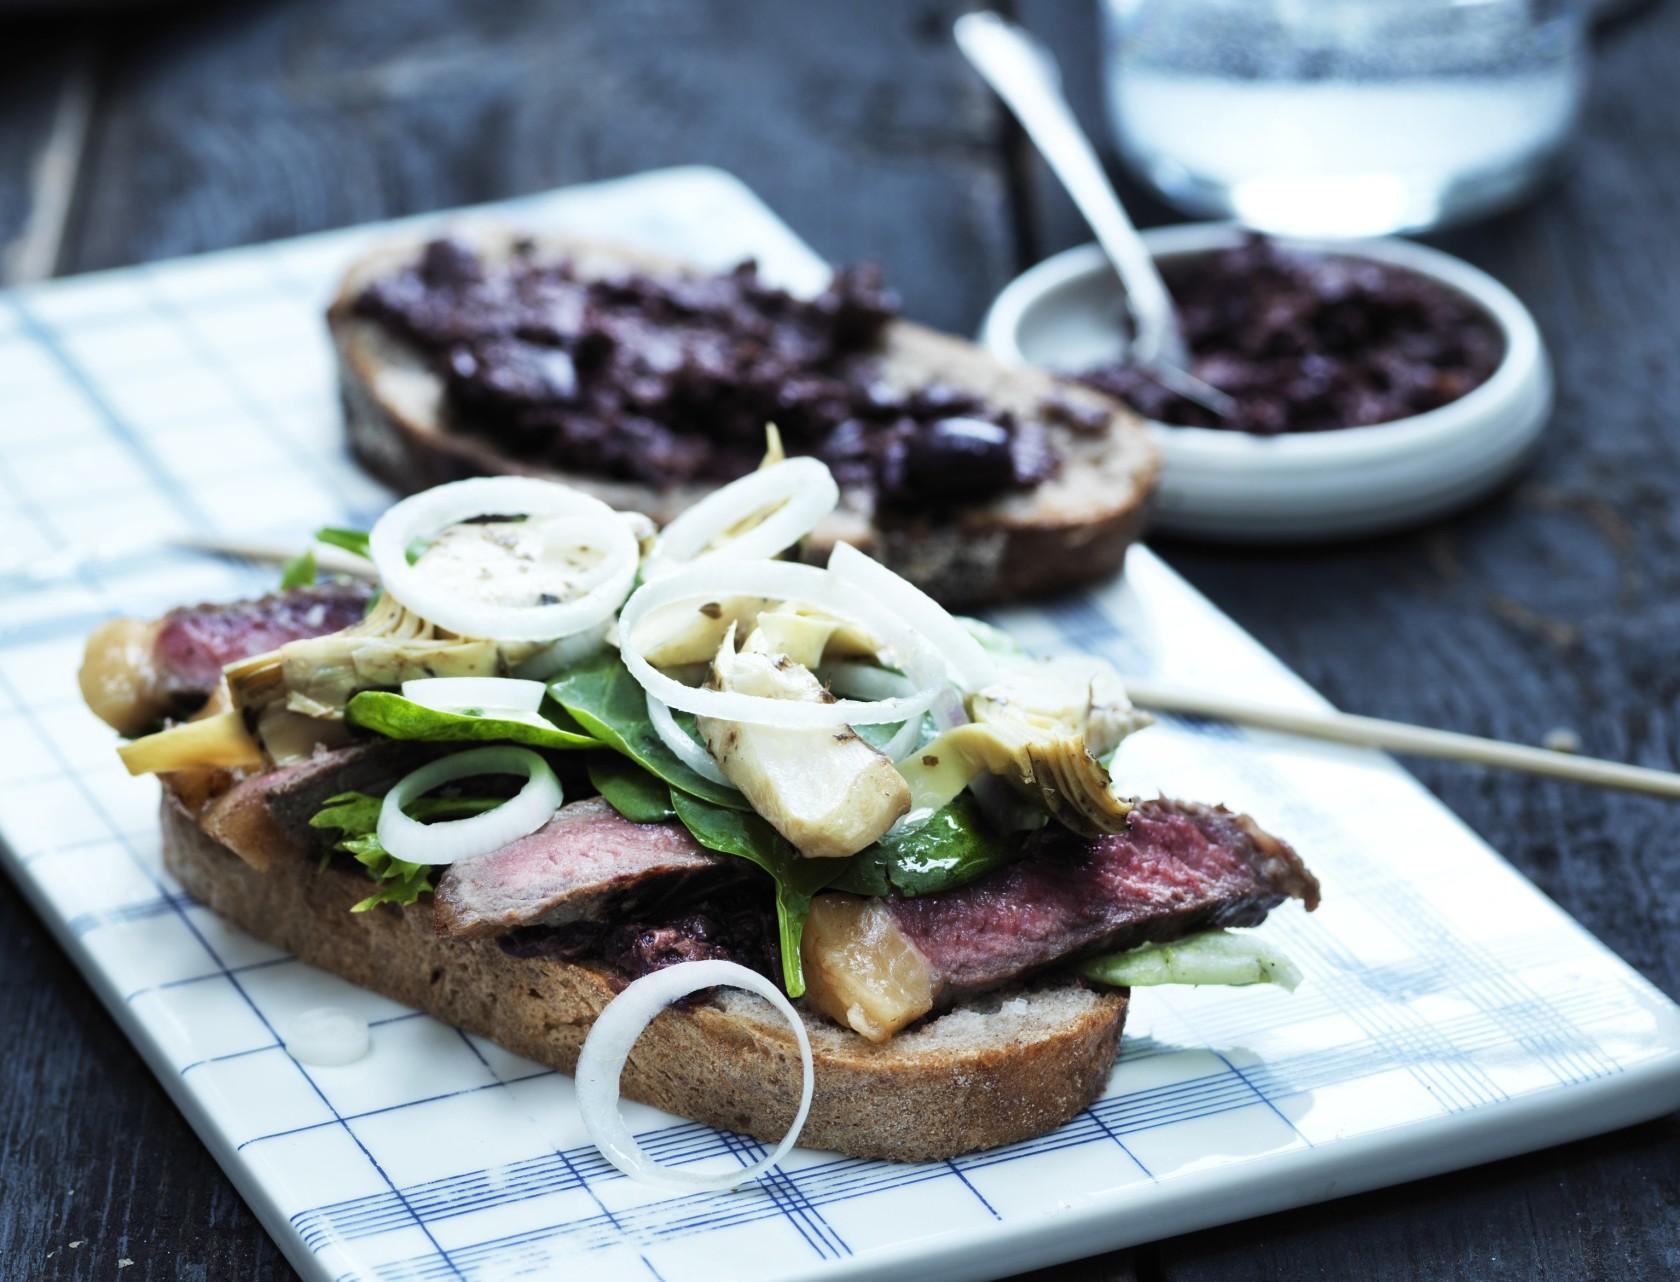 Steaksandwich med oliventapanade - lækker opskrift på frokost eller aftensmad.